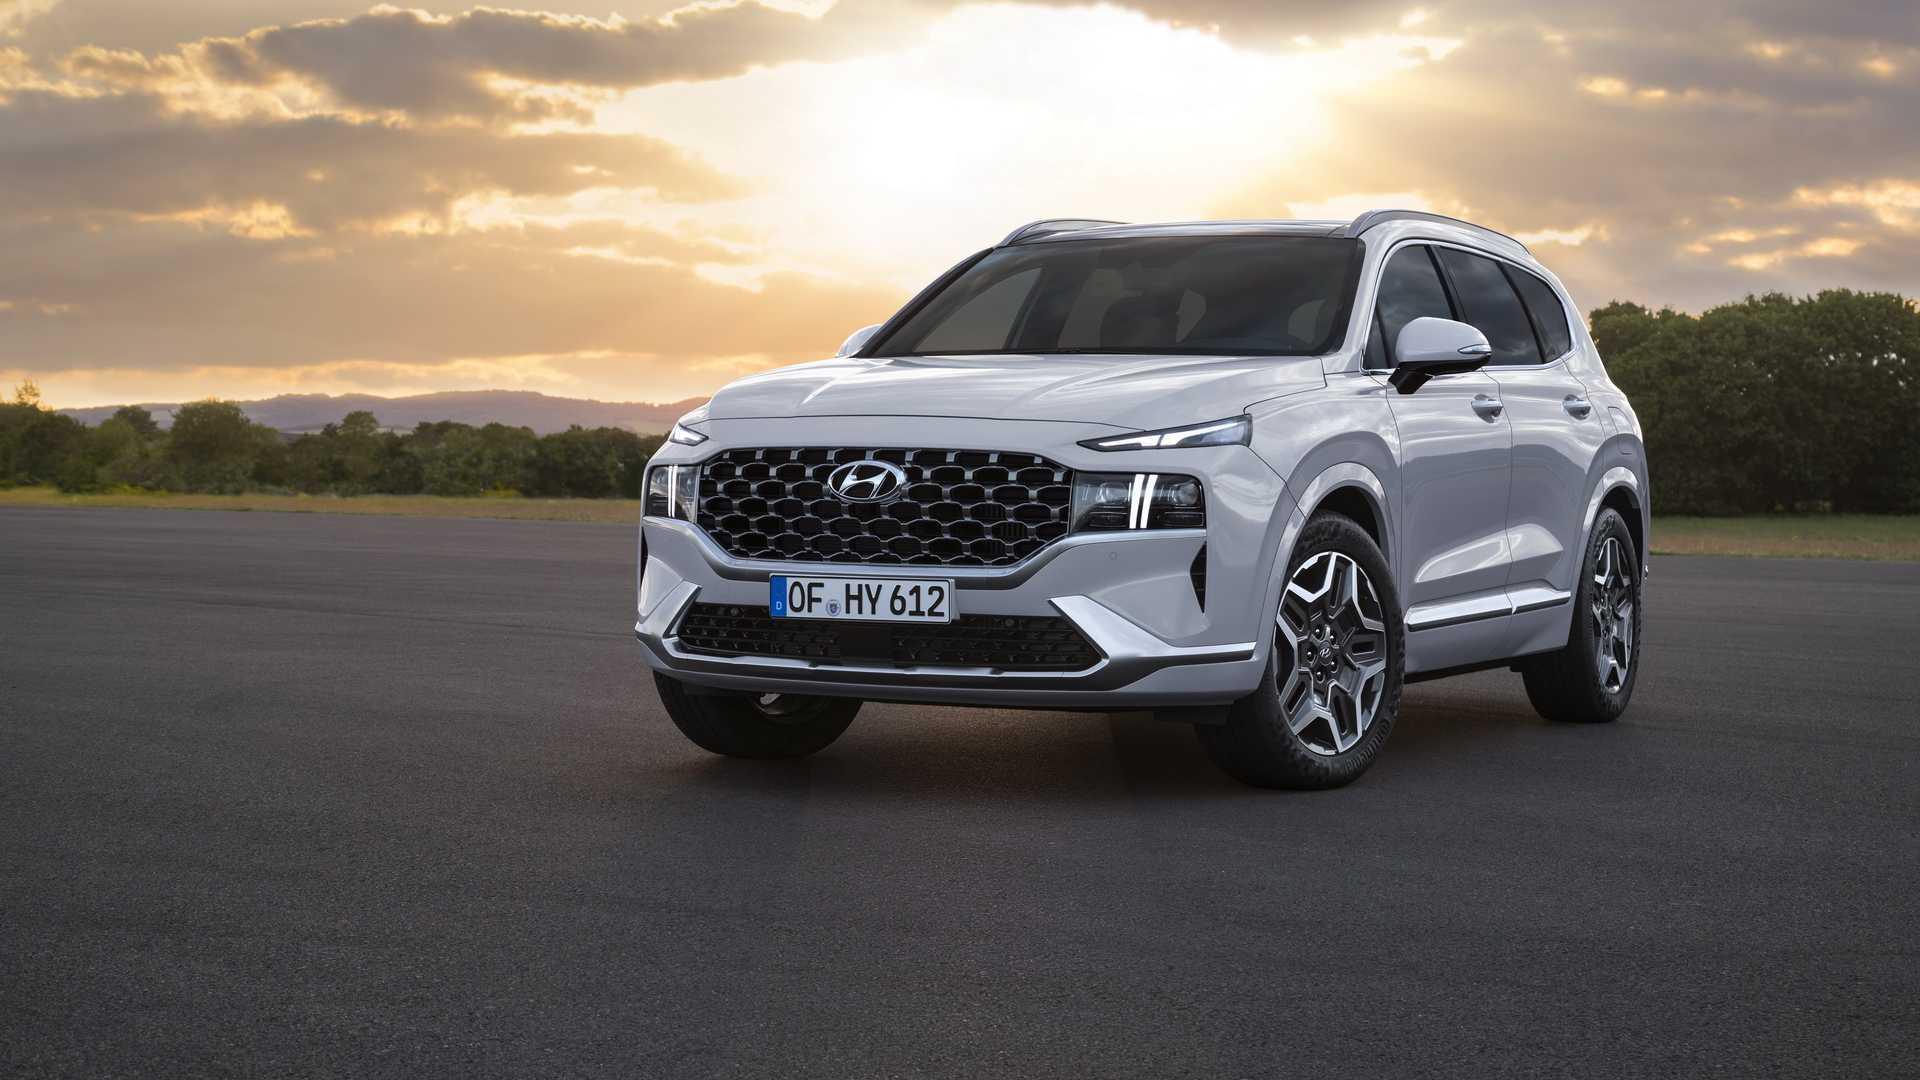 Hyundai Santa Fe News And Reviews Motor1 Com